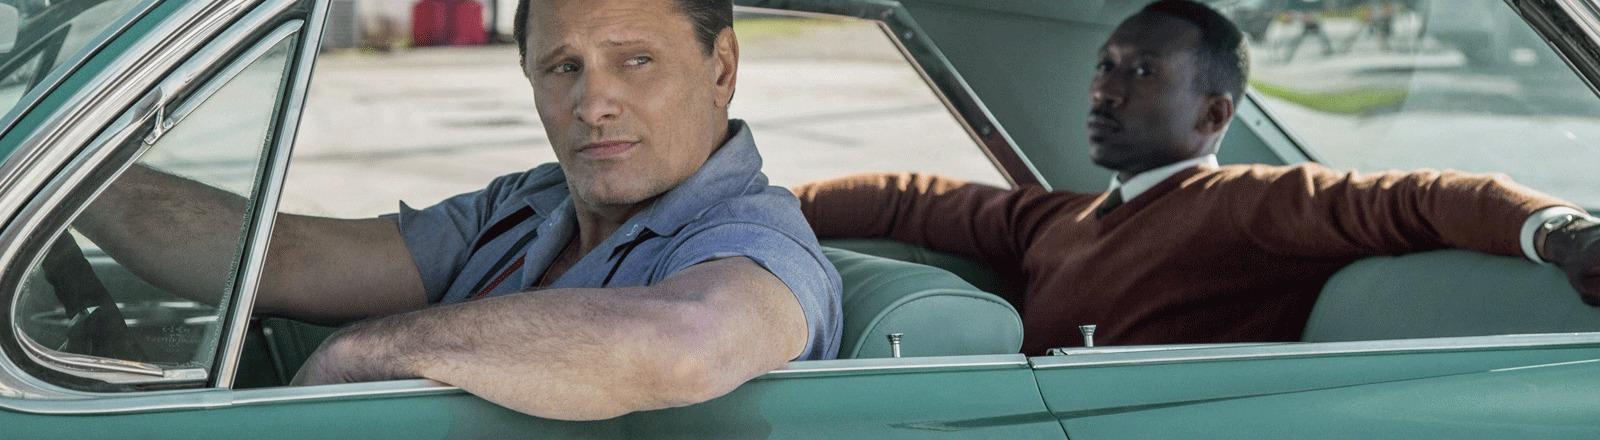 """Szene aus """"Green Book"""" mit den beiden Hauptdarstellern im Auto."""